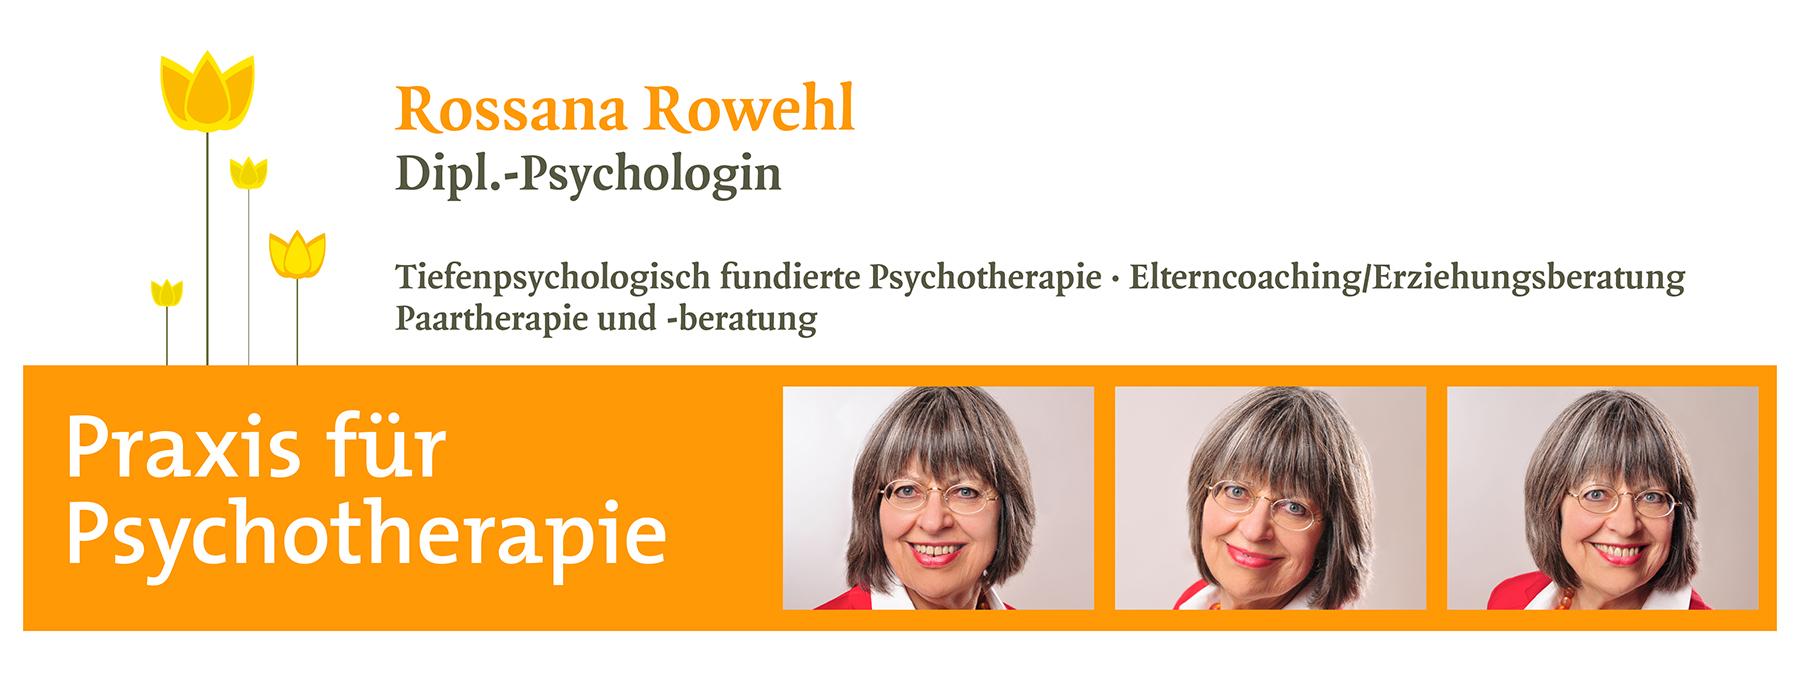 Rossana Rowehl · Praxis für Psychotherapie